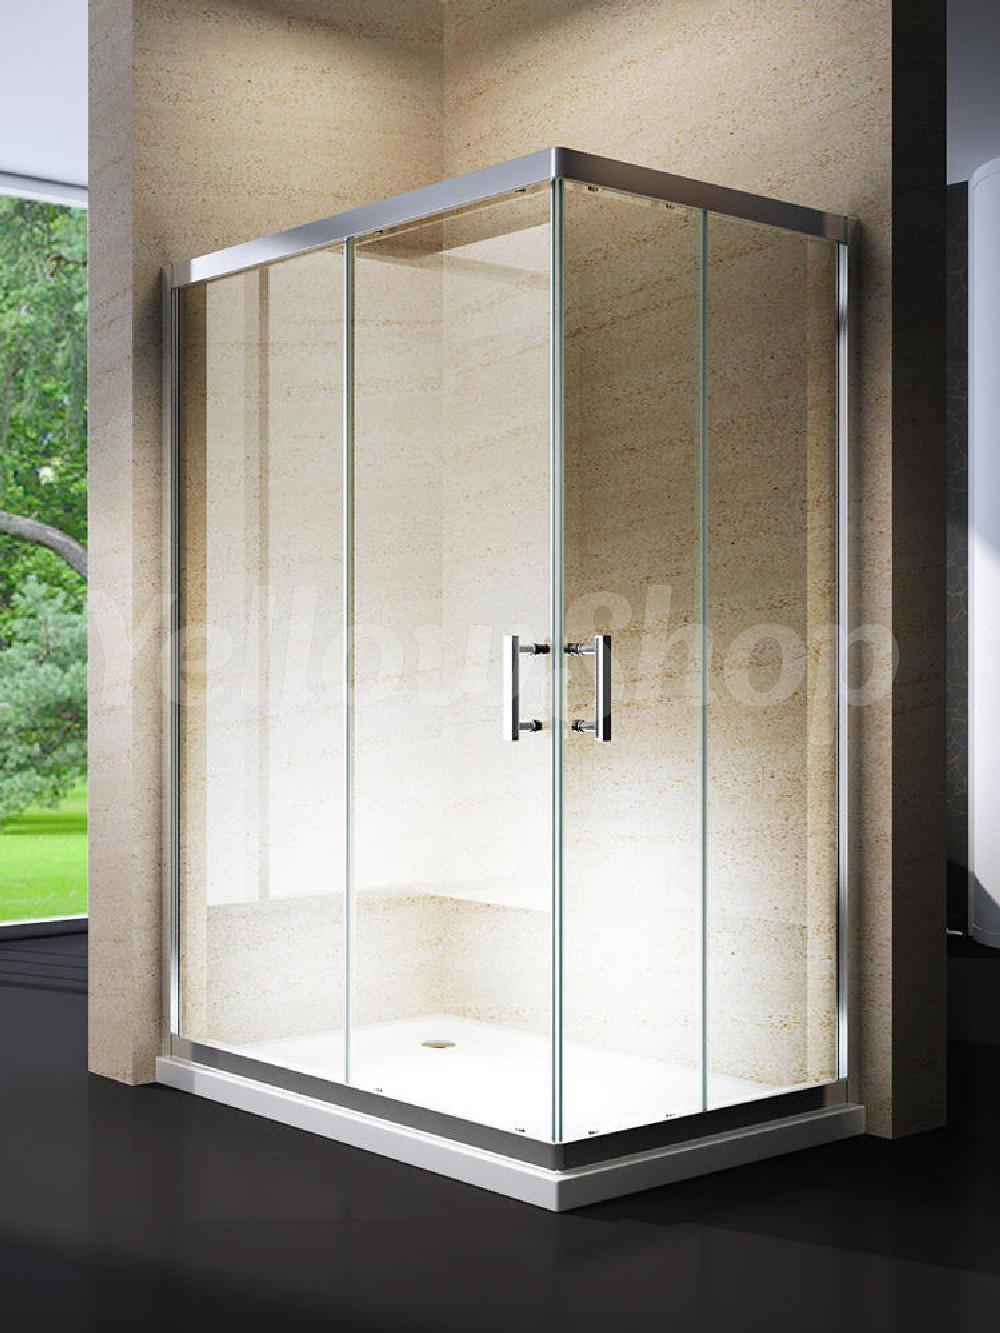 Box cabina doccia bagno rettangolare angolare 70x90 70x100 - Cabina doccia 70x120 ...